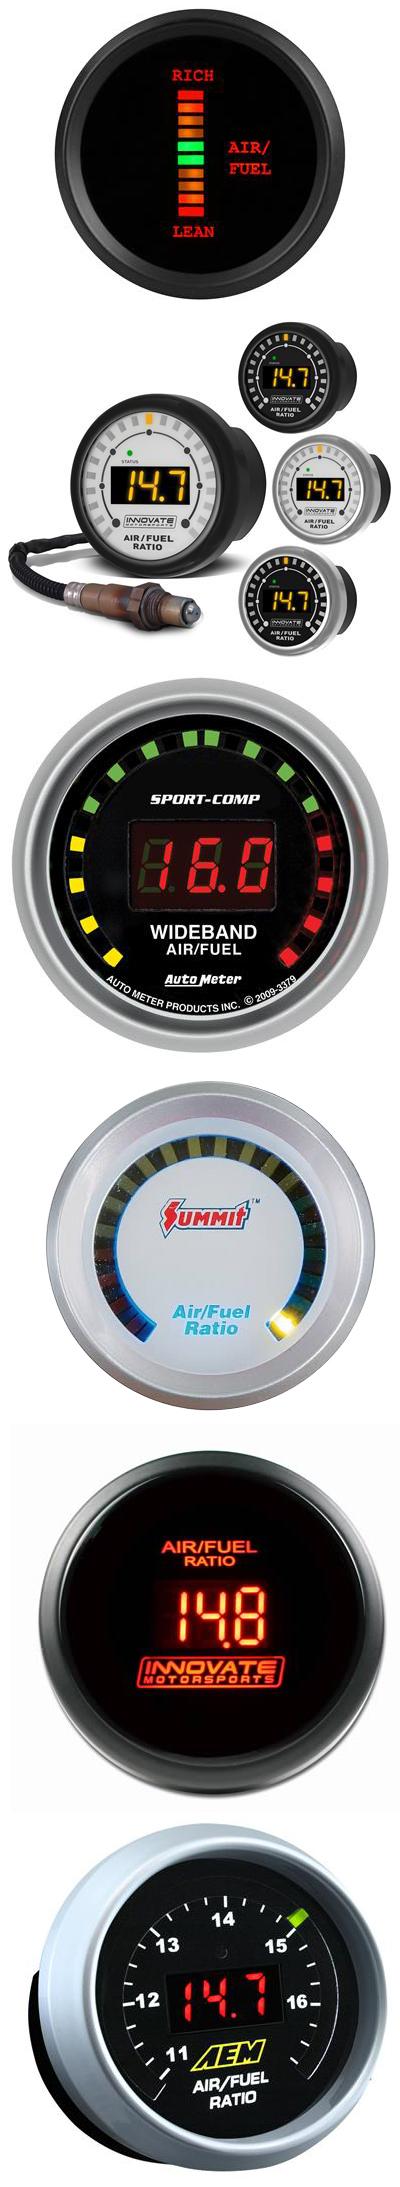 Summit Digital Meters : Add high performance digital gauges to racing machine